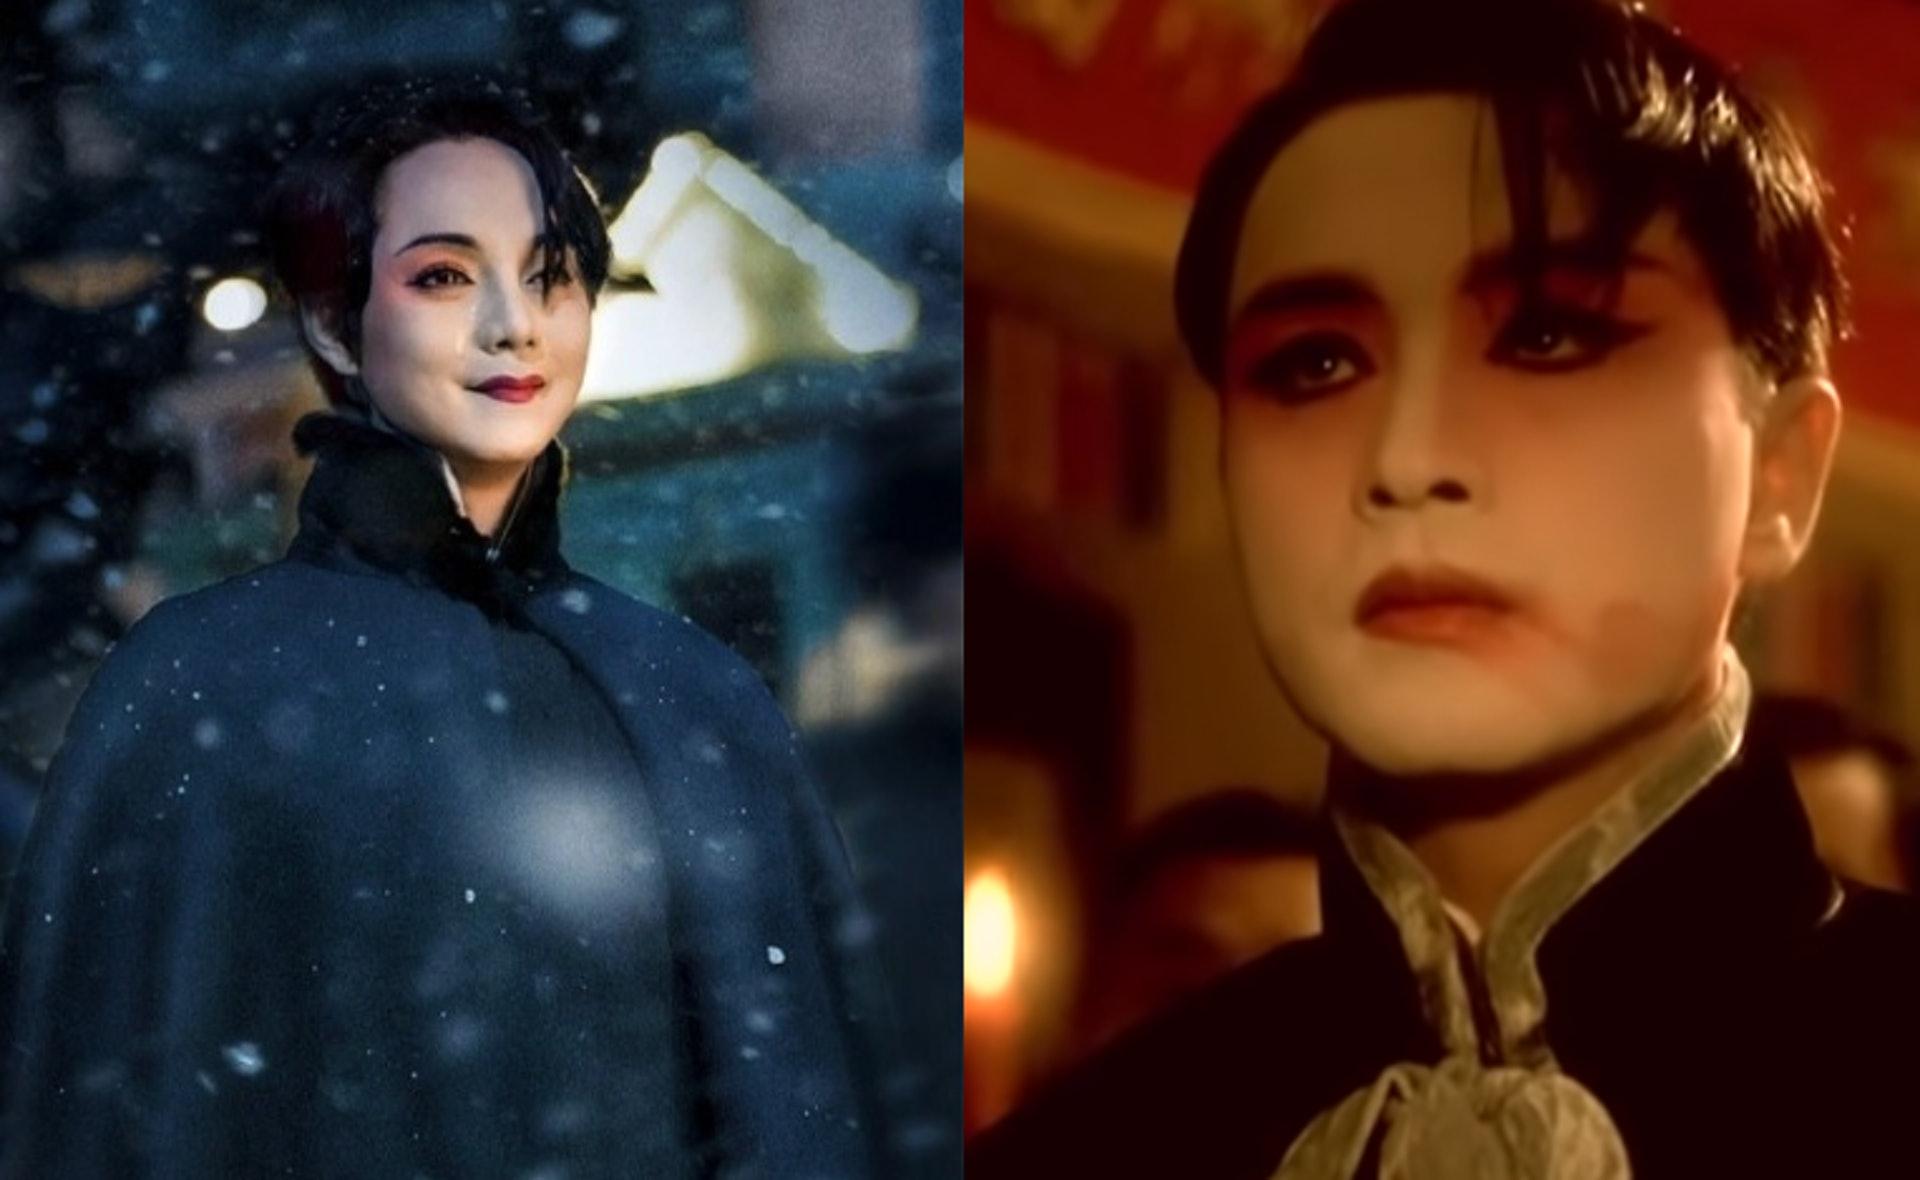 這個畫面兩者真是非常似。( 衛視一哥微博圖片﹑《霸王別姬》截圖)